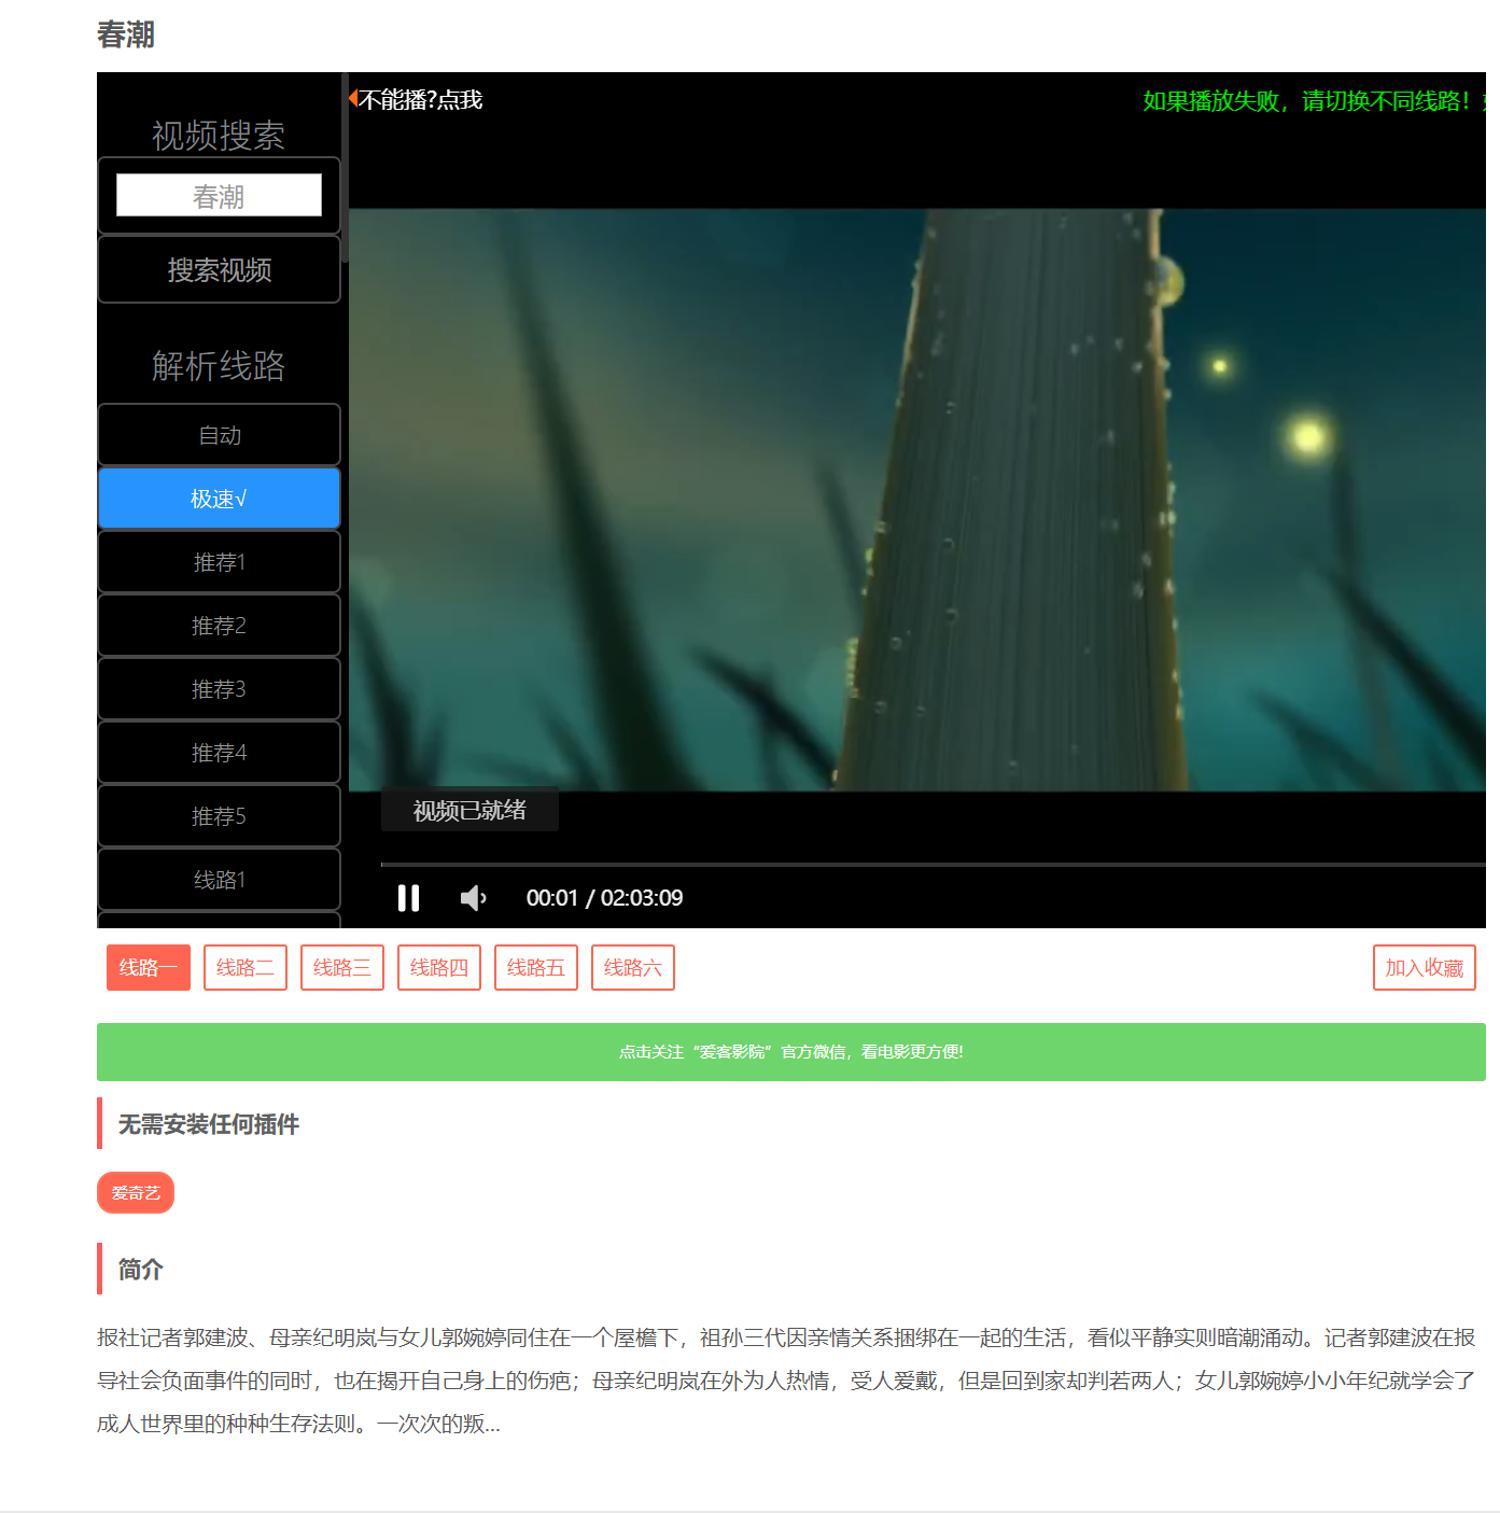 1590198304406924.jpg 小刀娱乐网-爱客影视CMS米酷优化版  第3张